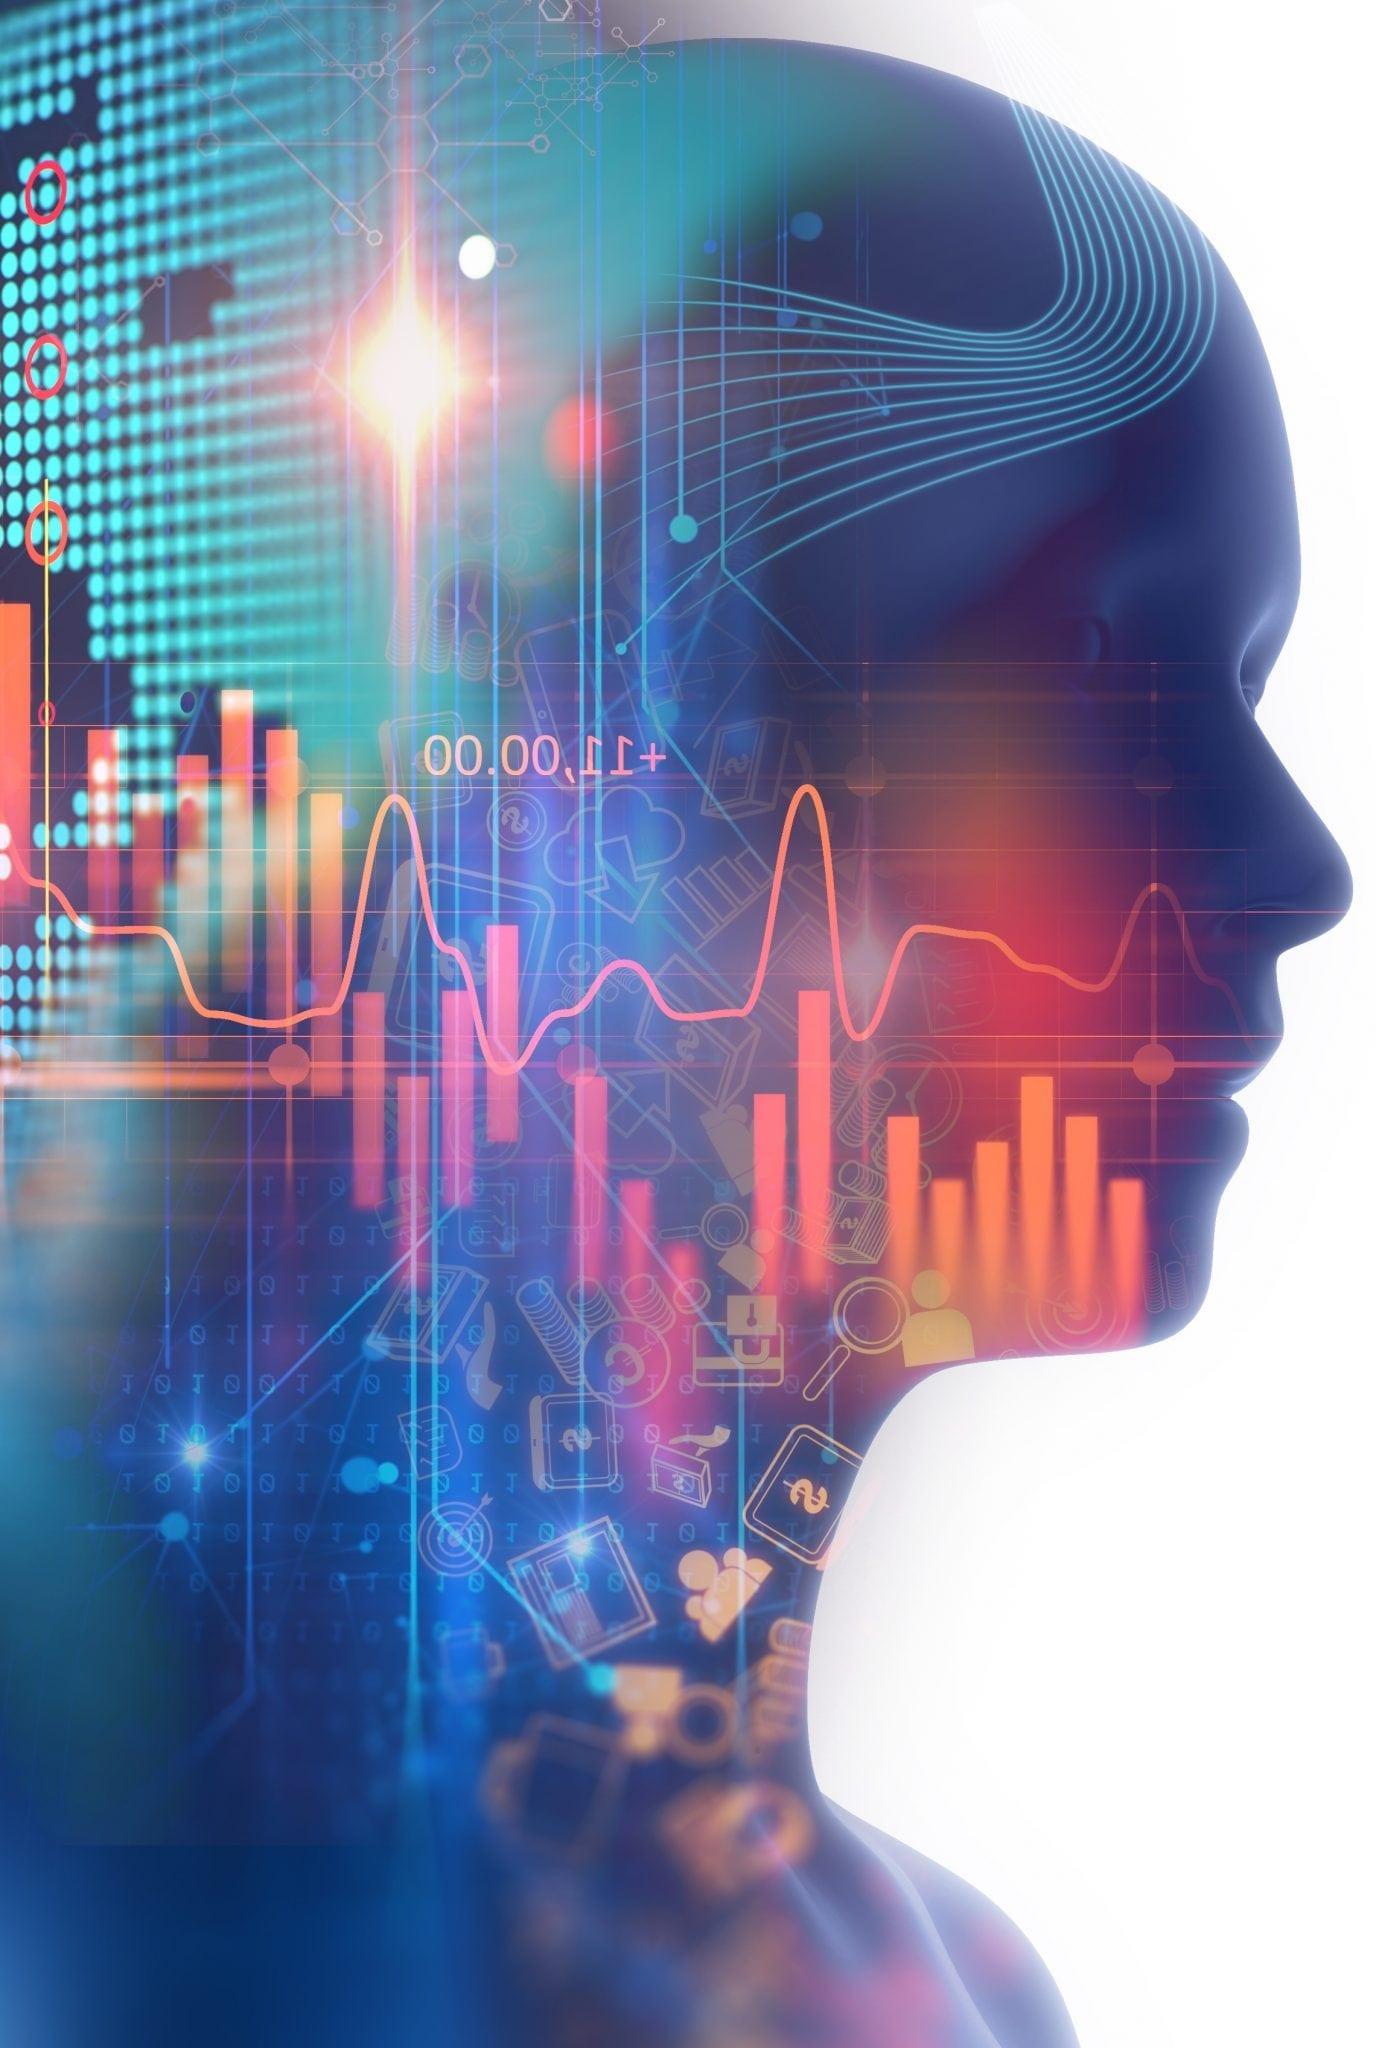 Revoluția IA: totul despre inteligența artificială